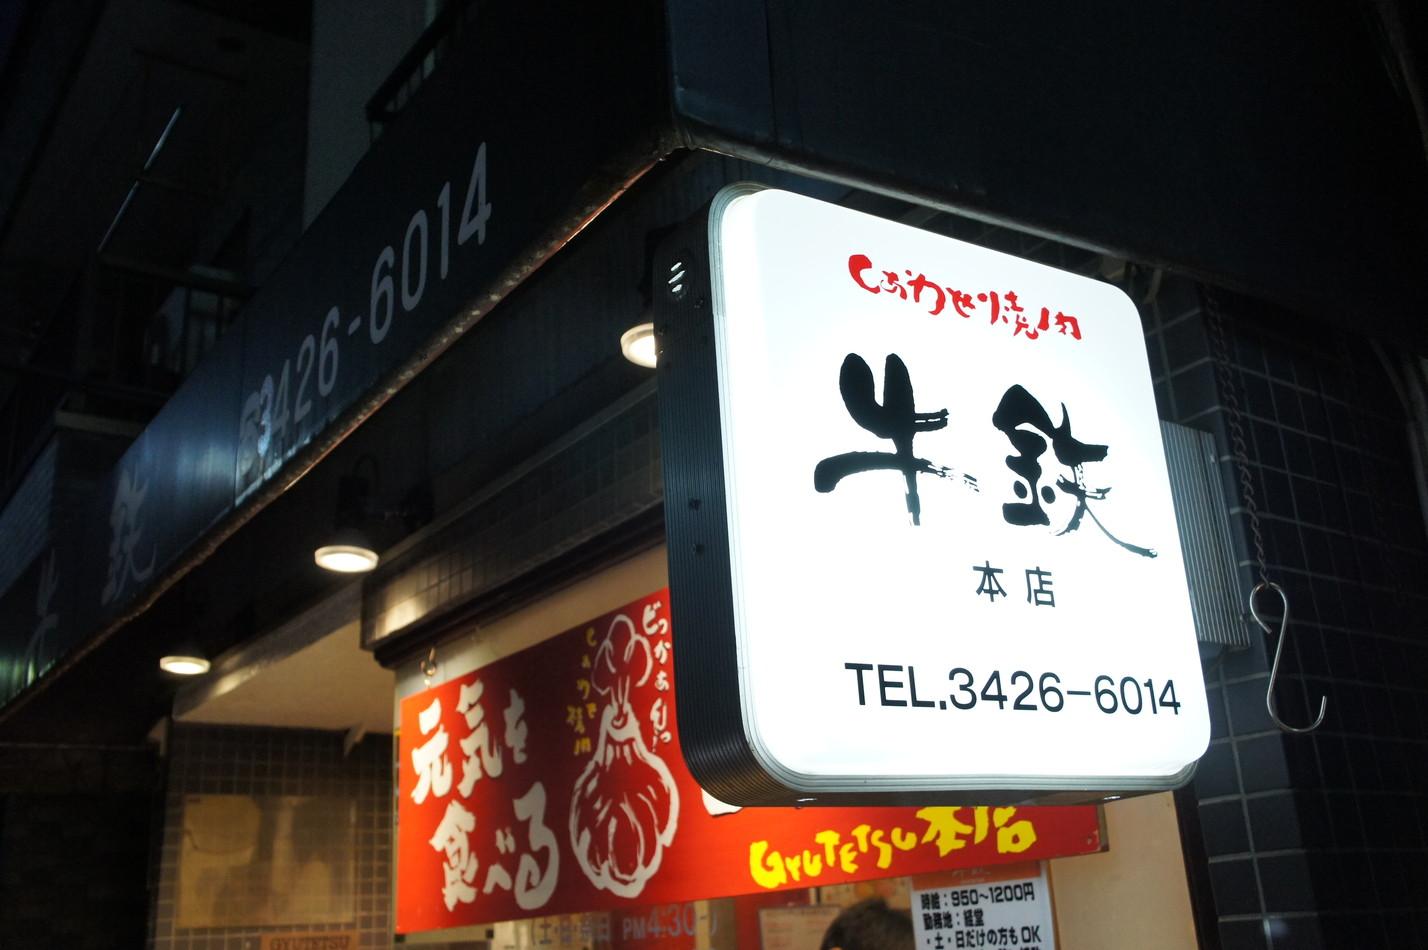 牛鉄 経堂本店